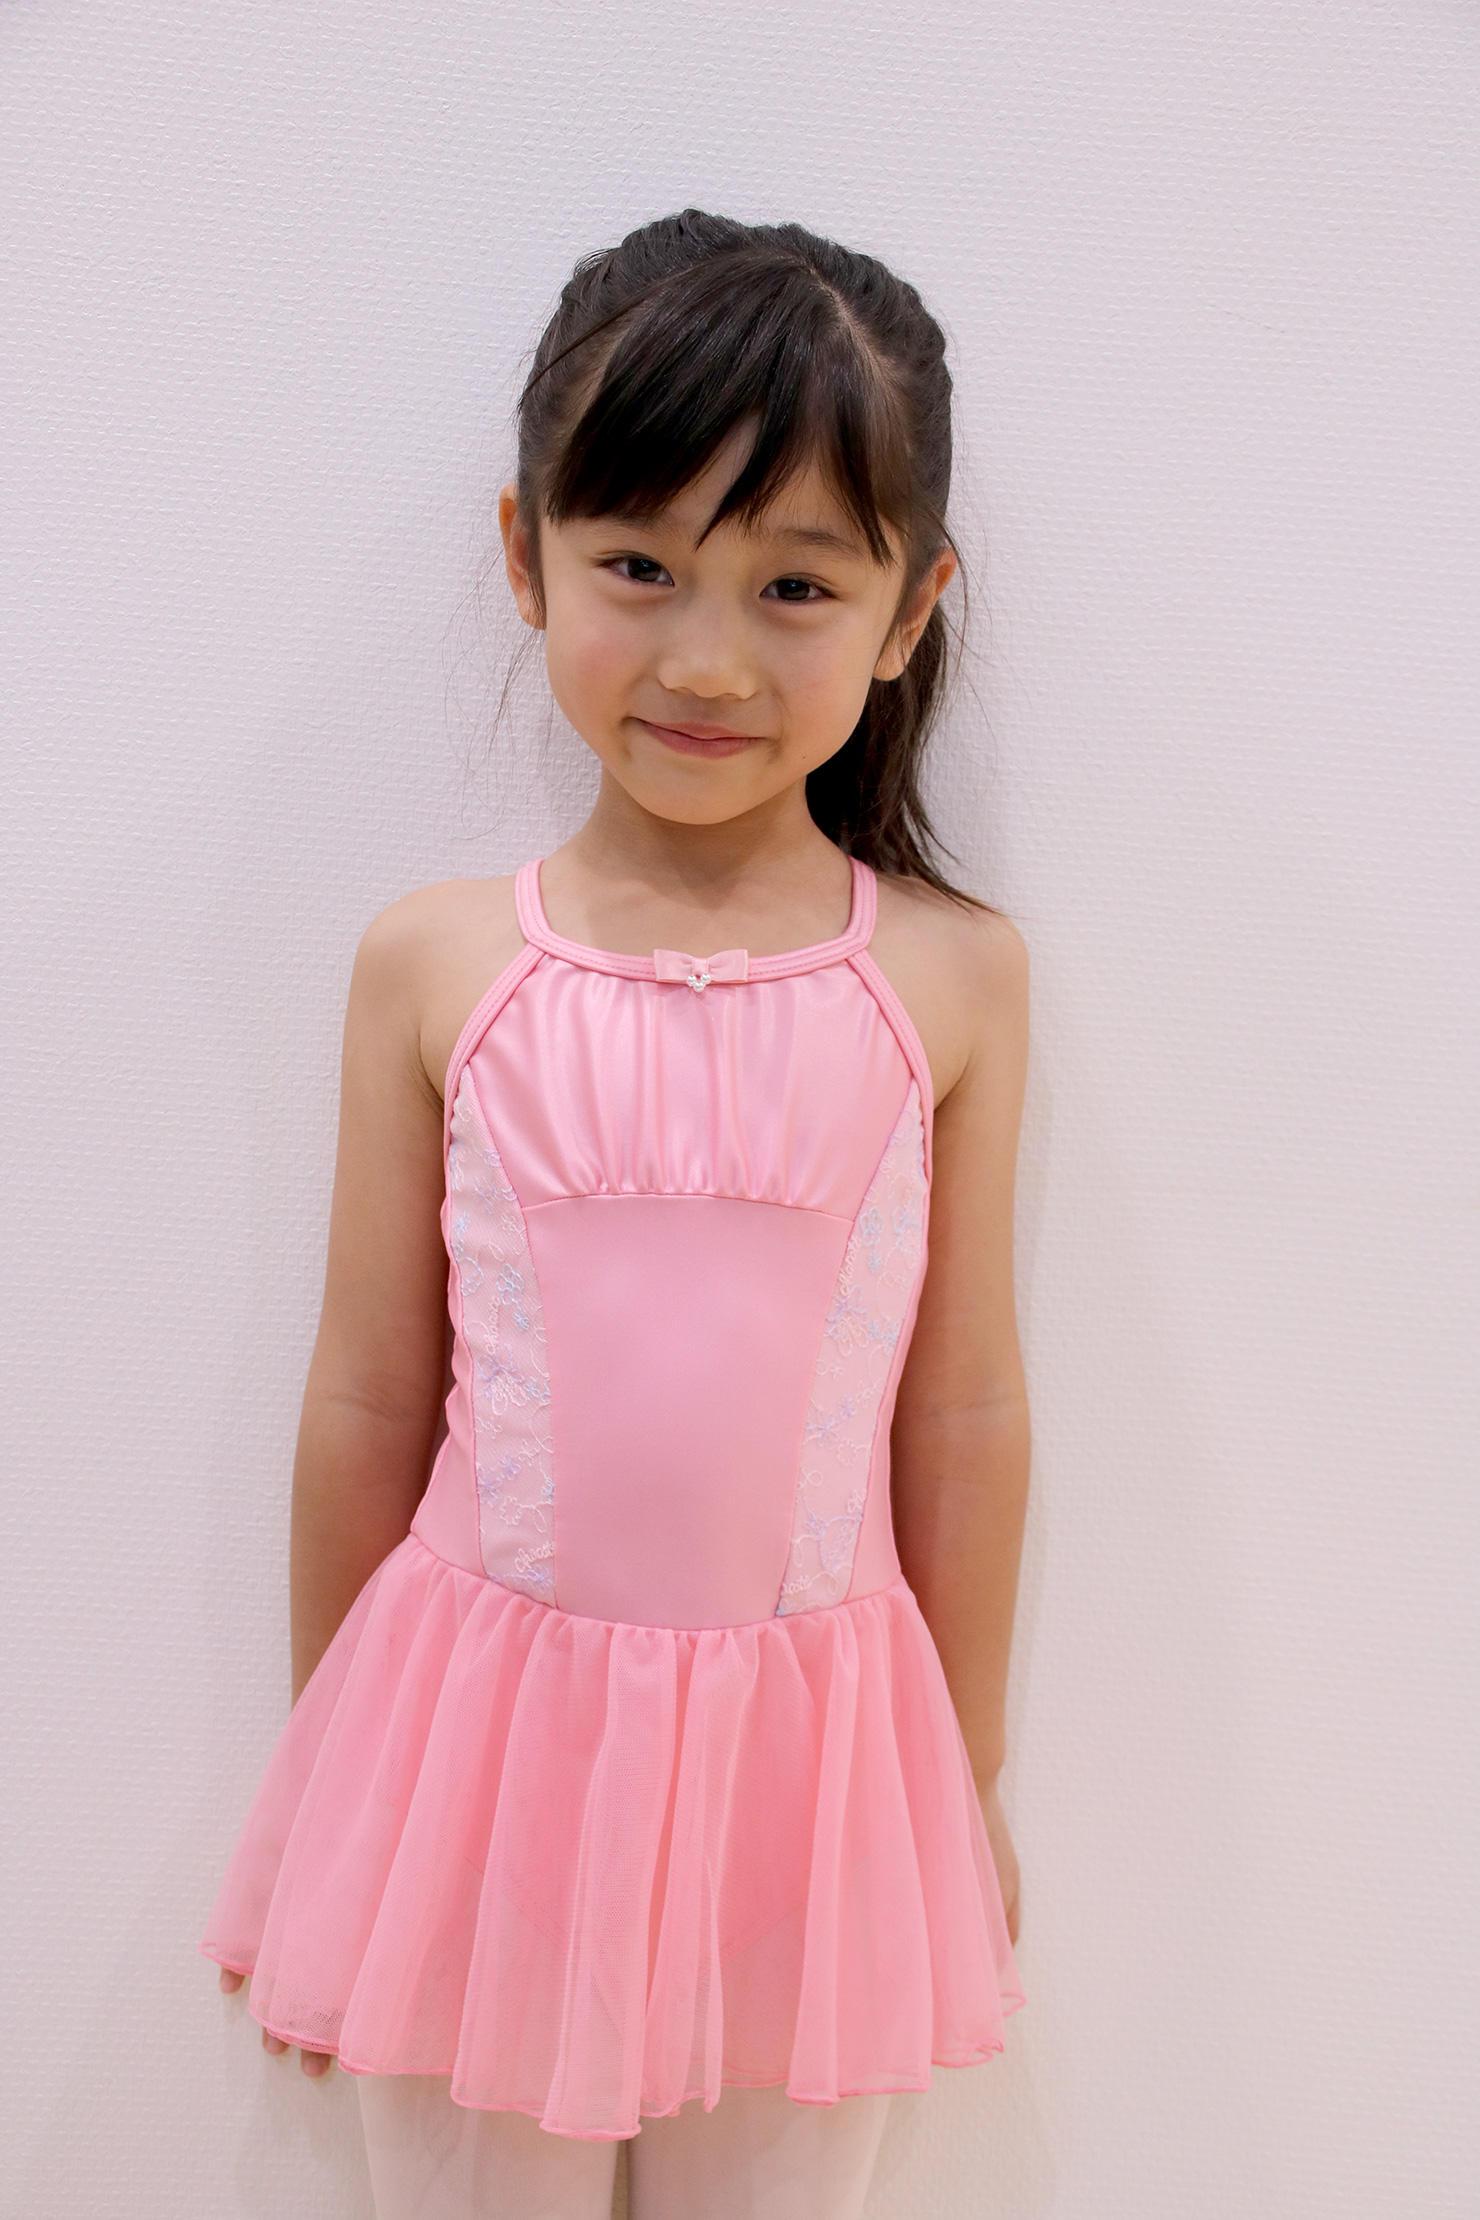 kidsmodel_ria001.jpg